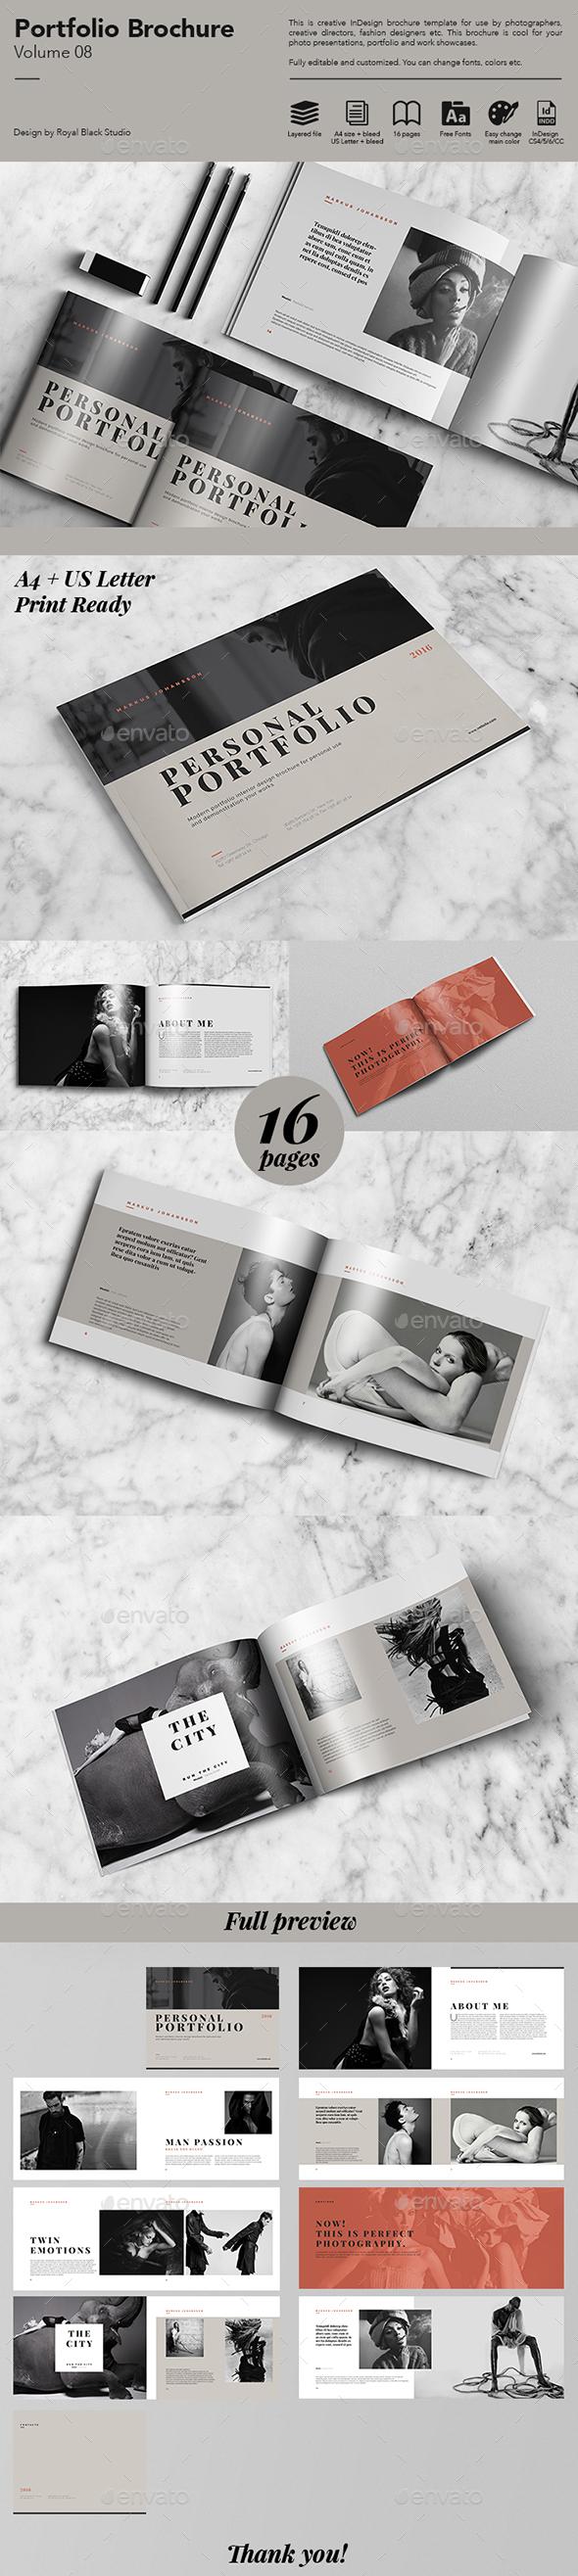 Portfolio Brochure Vol.8